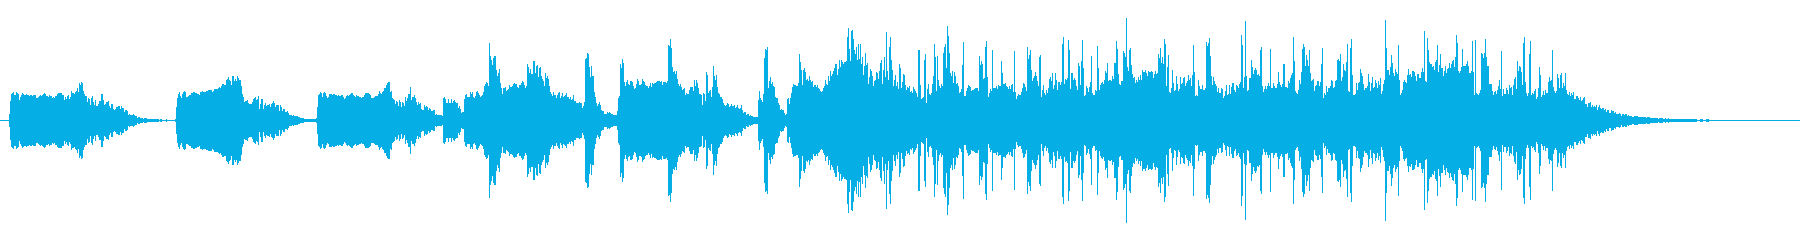 ハミングから始まる美しい曲の再生済みの波形